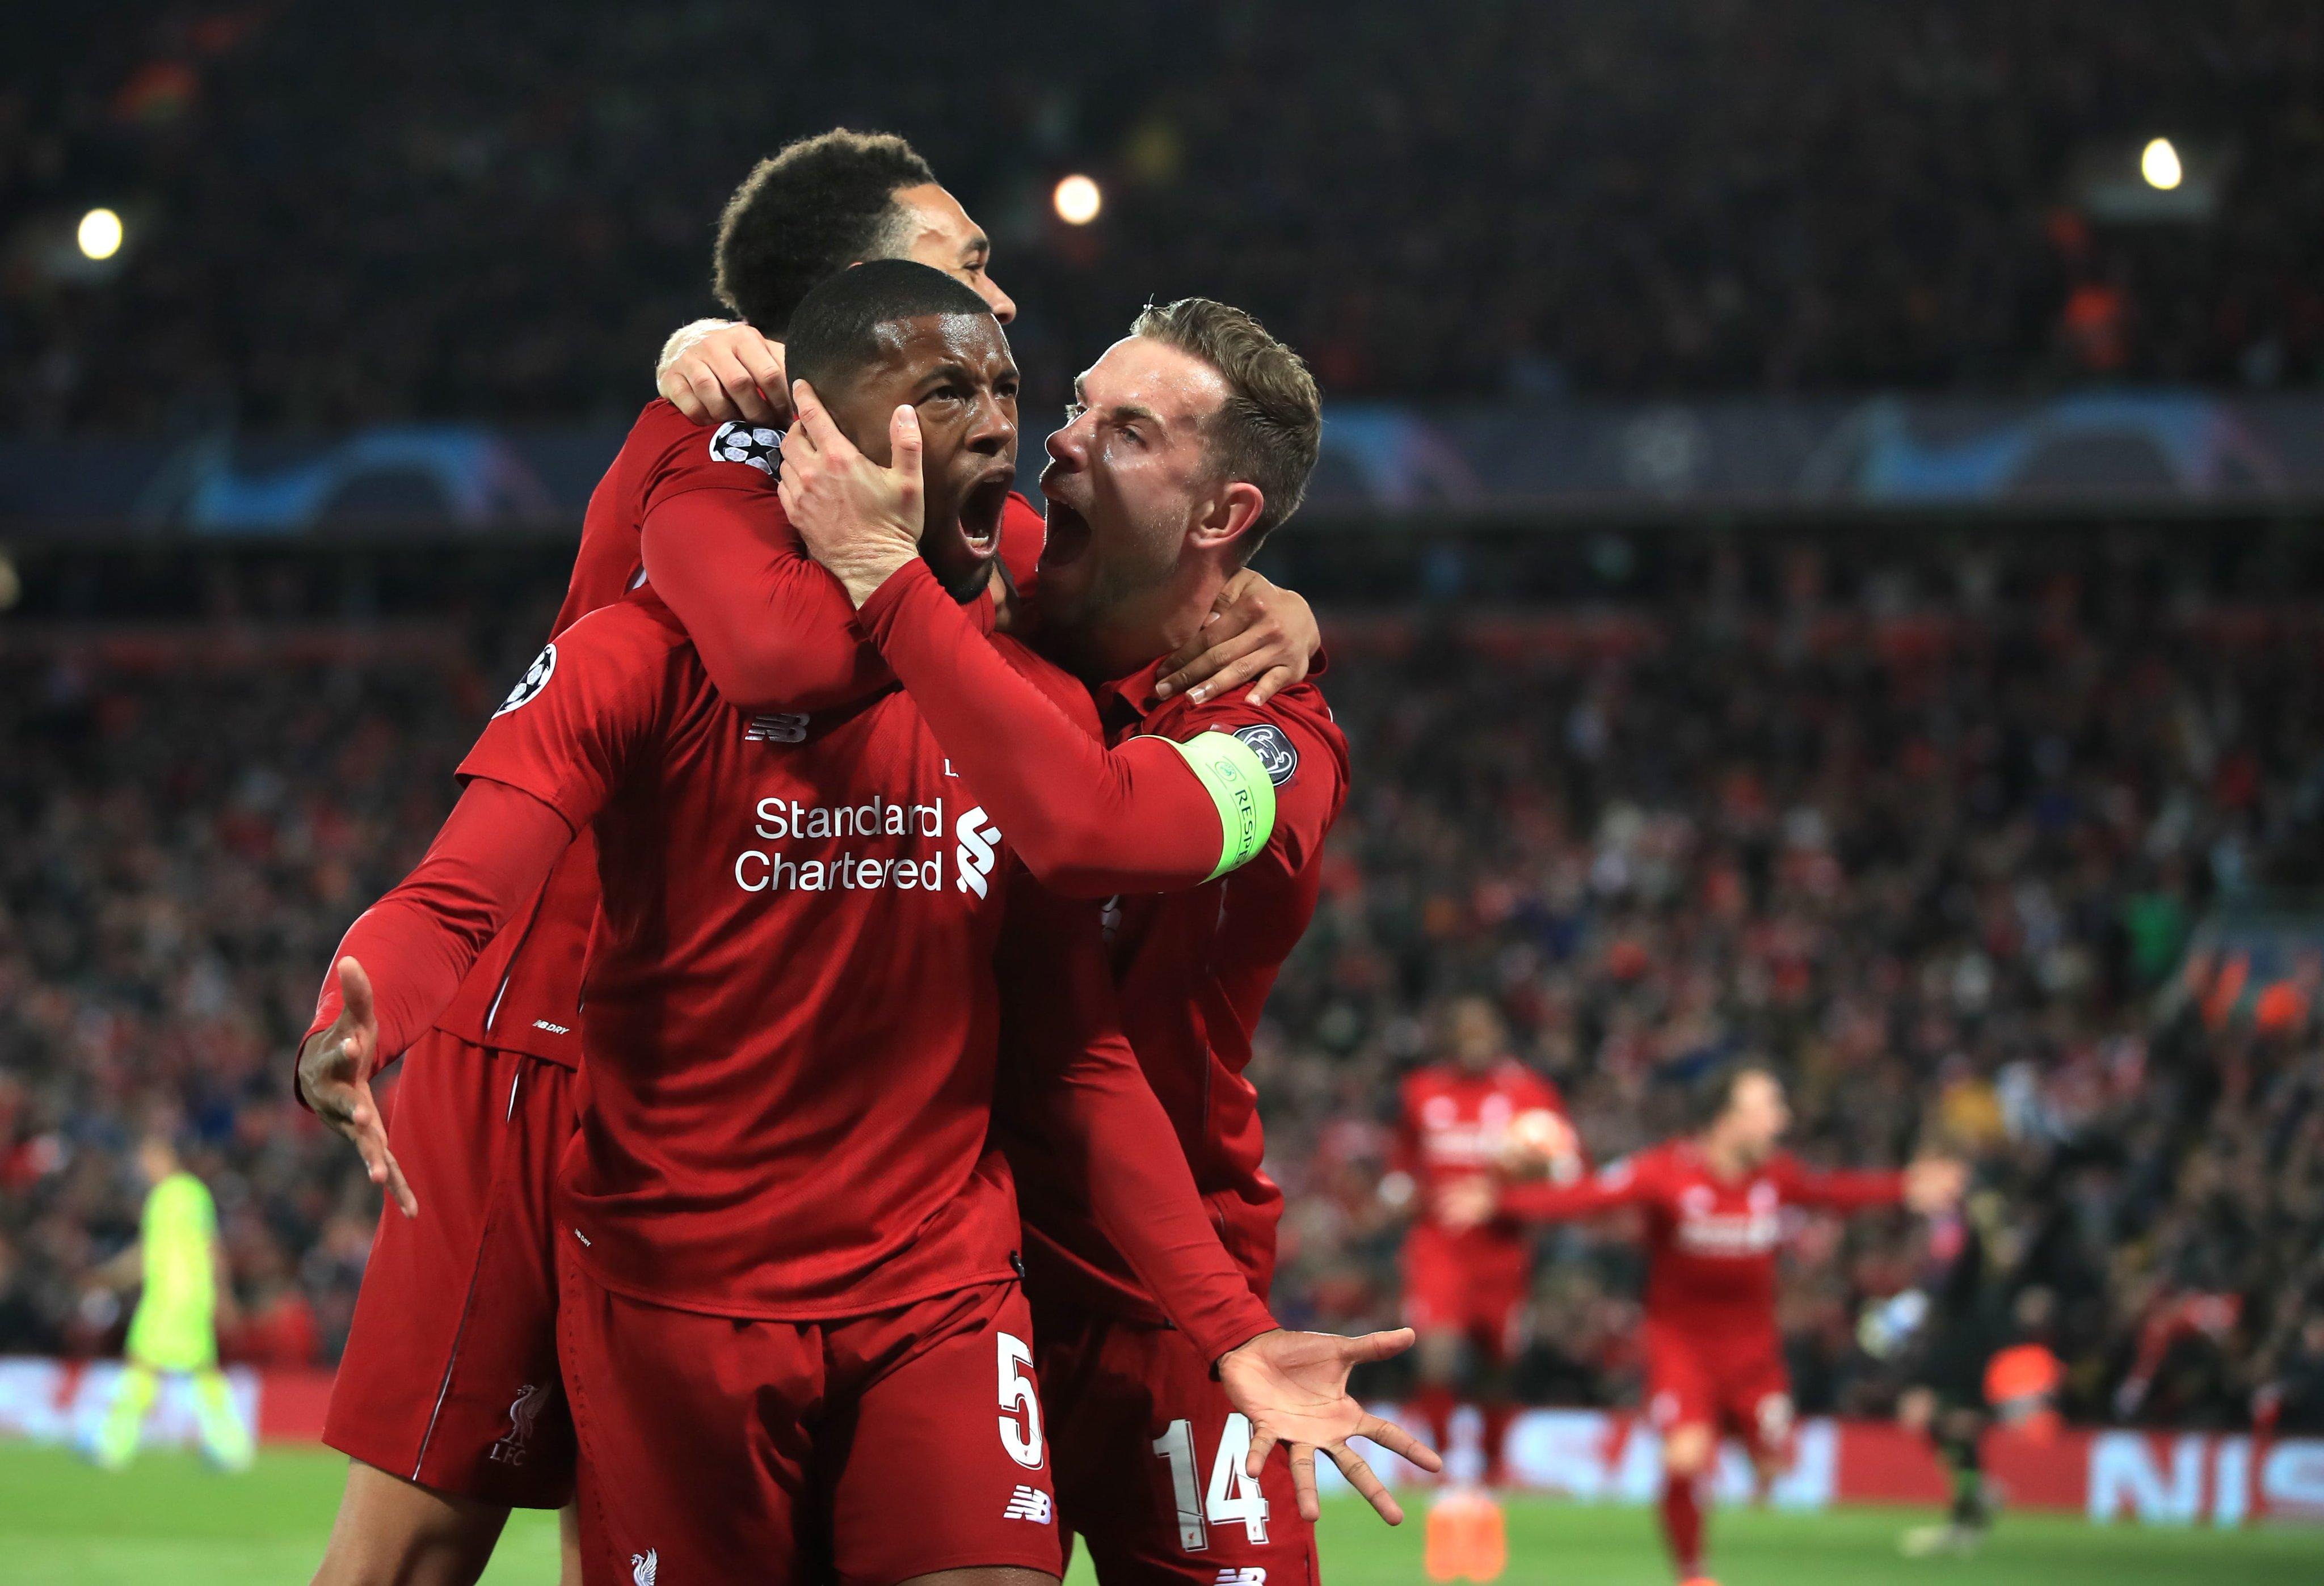 ليفربول يحتفل بالهدف الأول